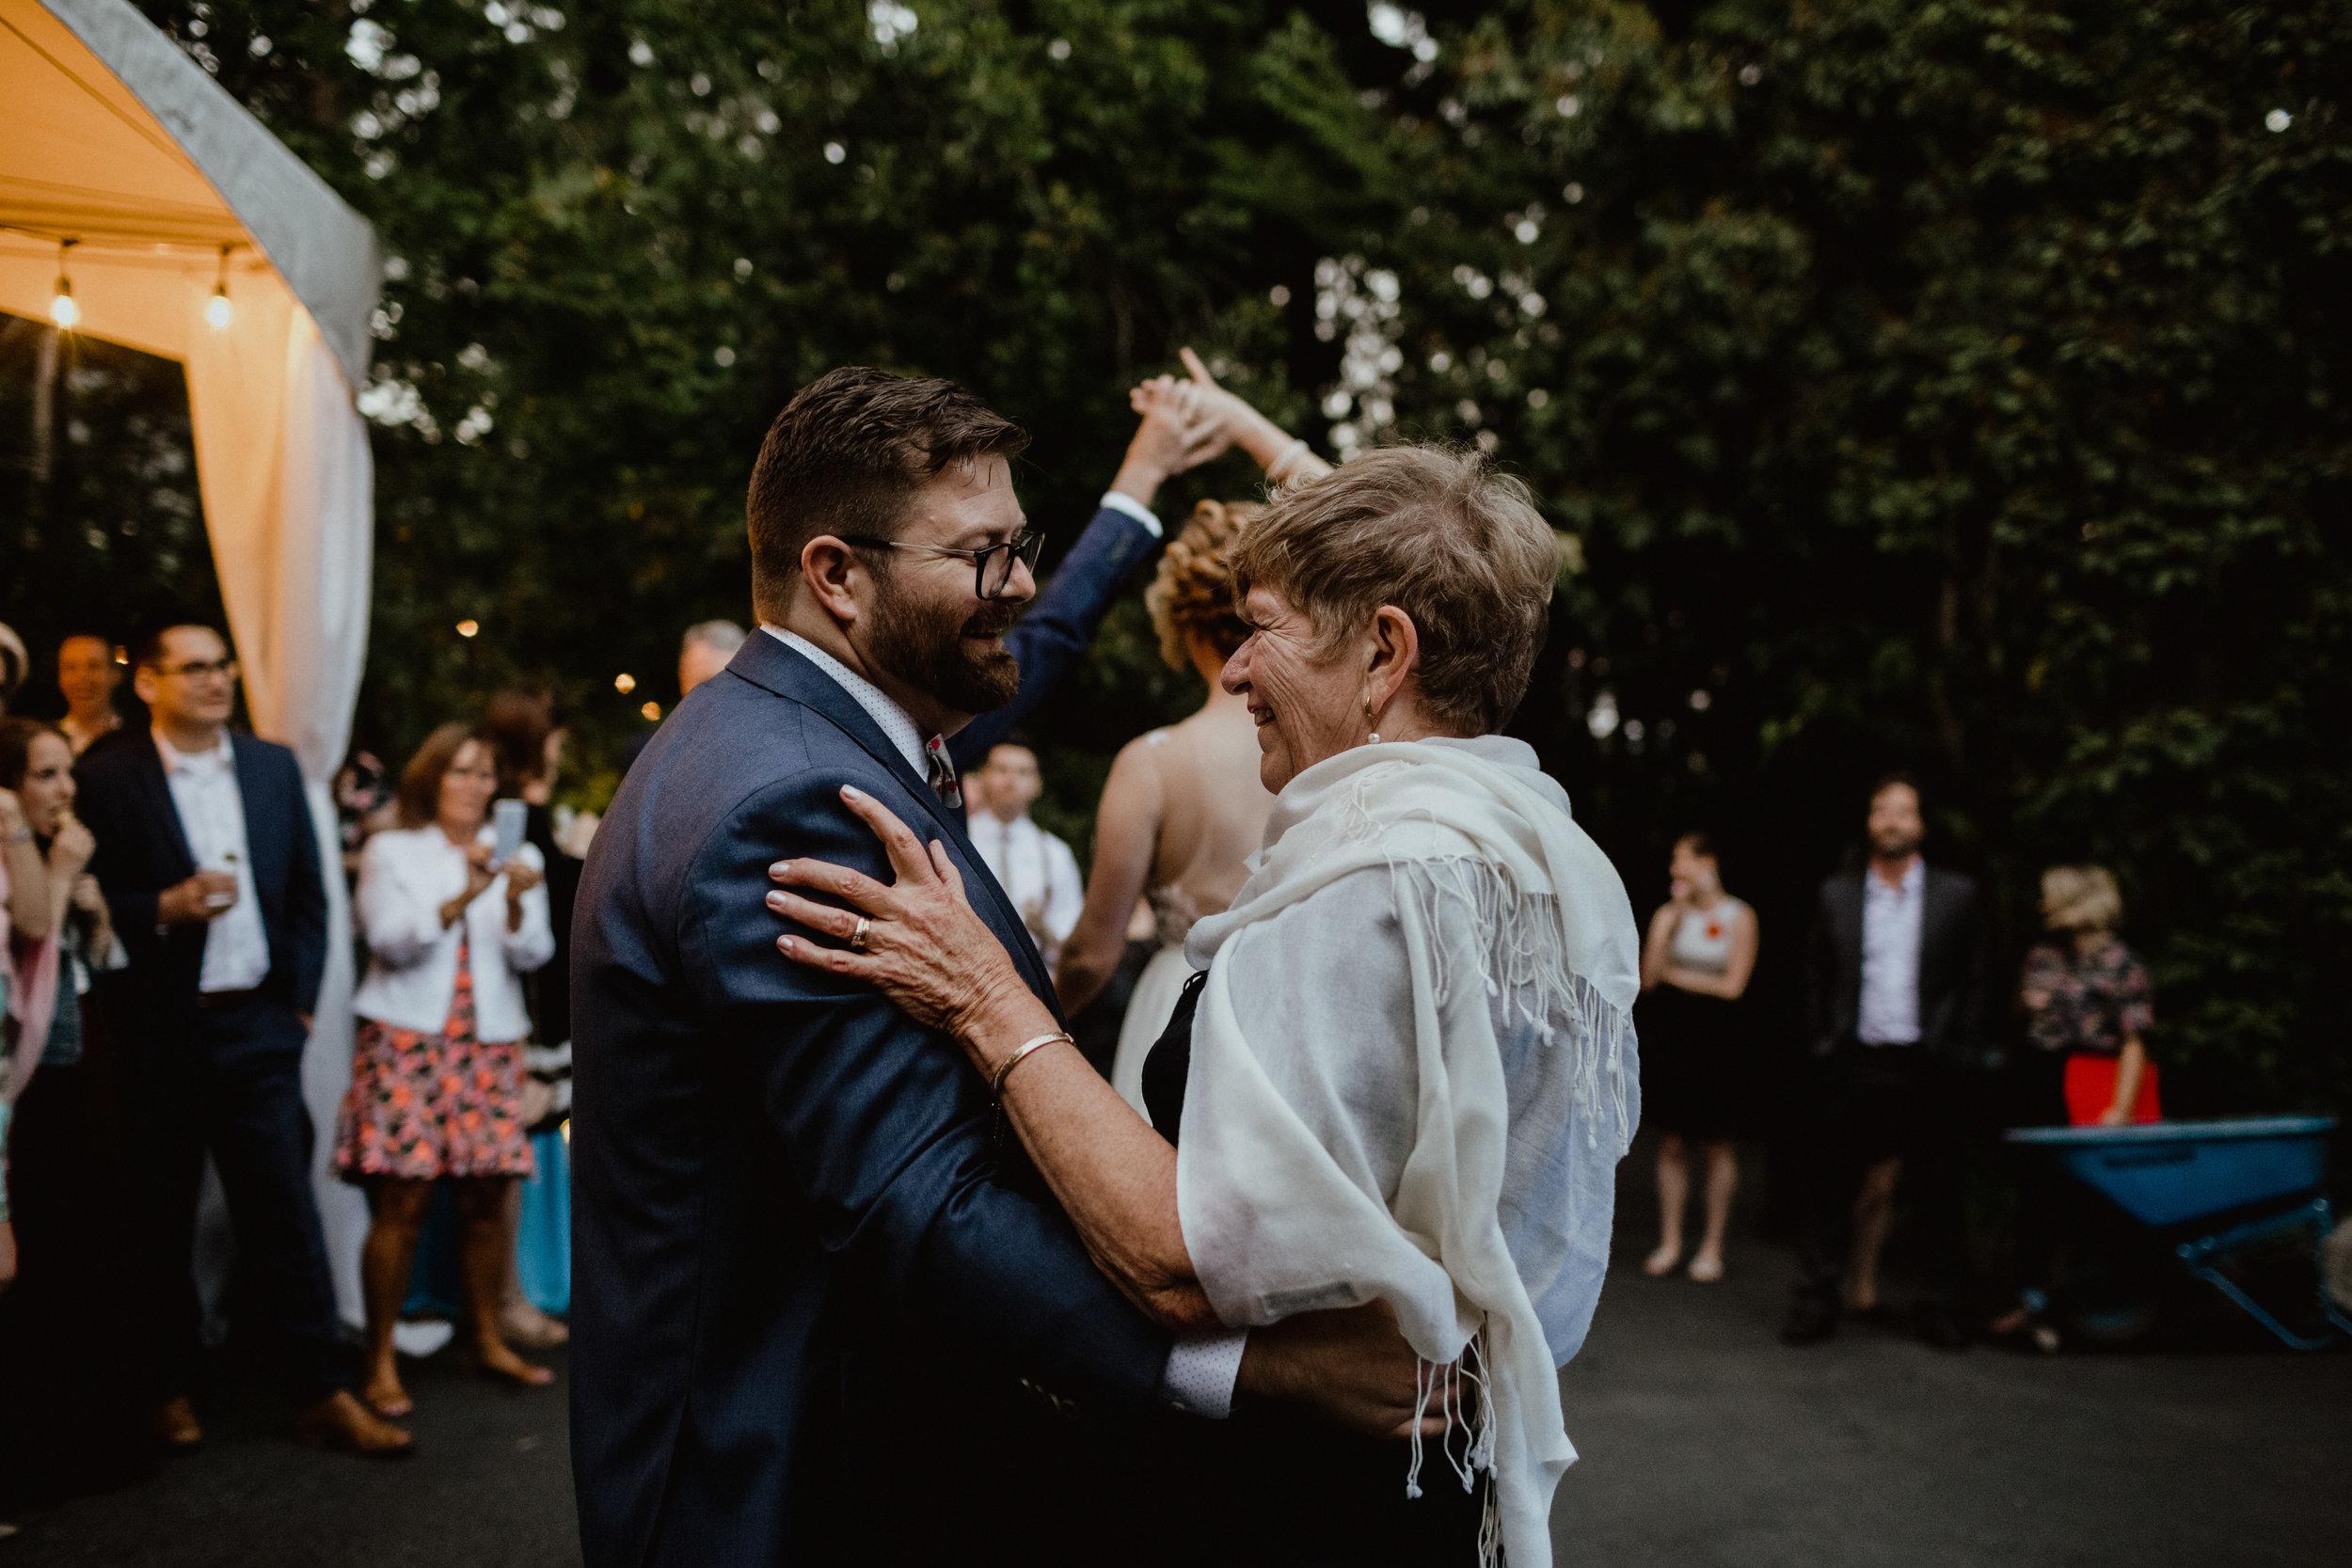 west-vancouver-backyard-wedding-281.jpg